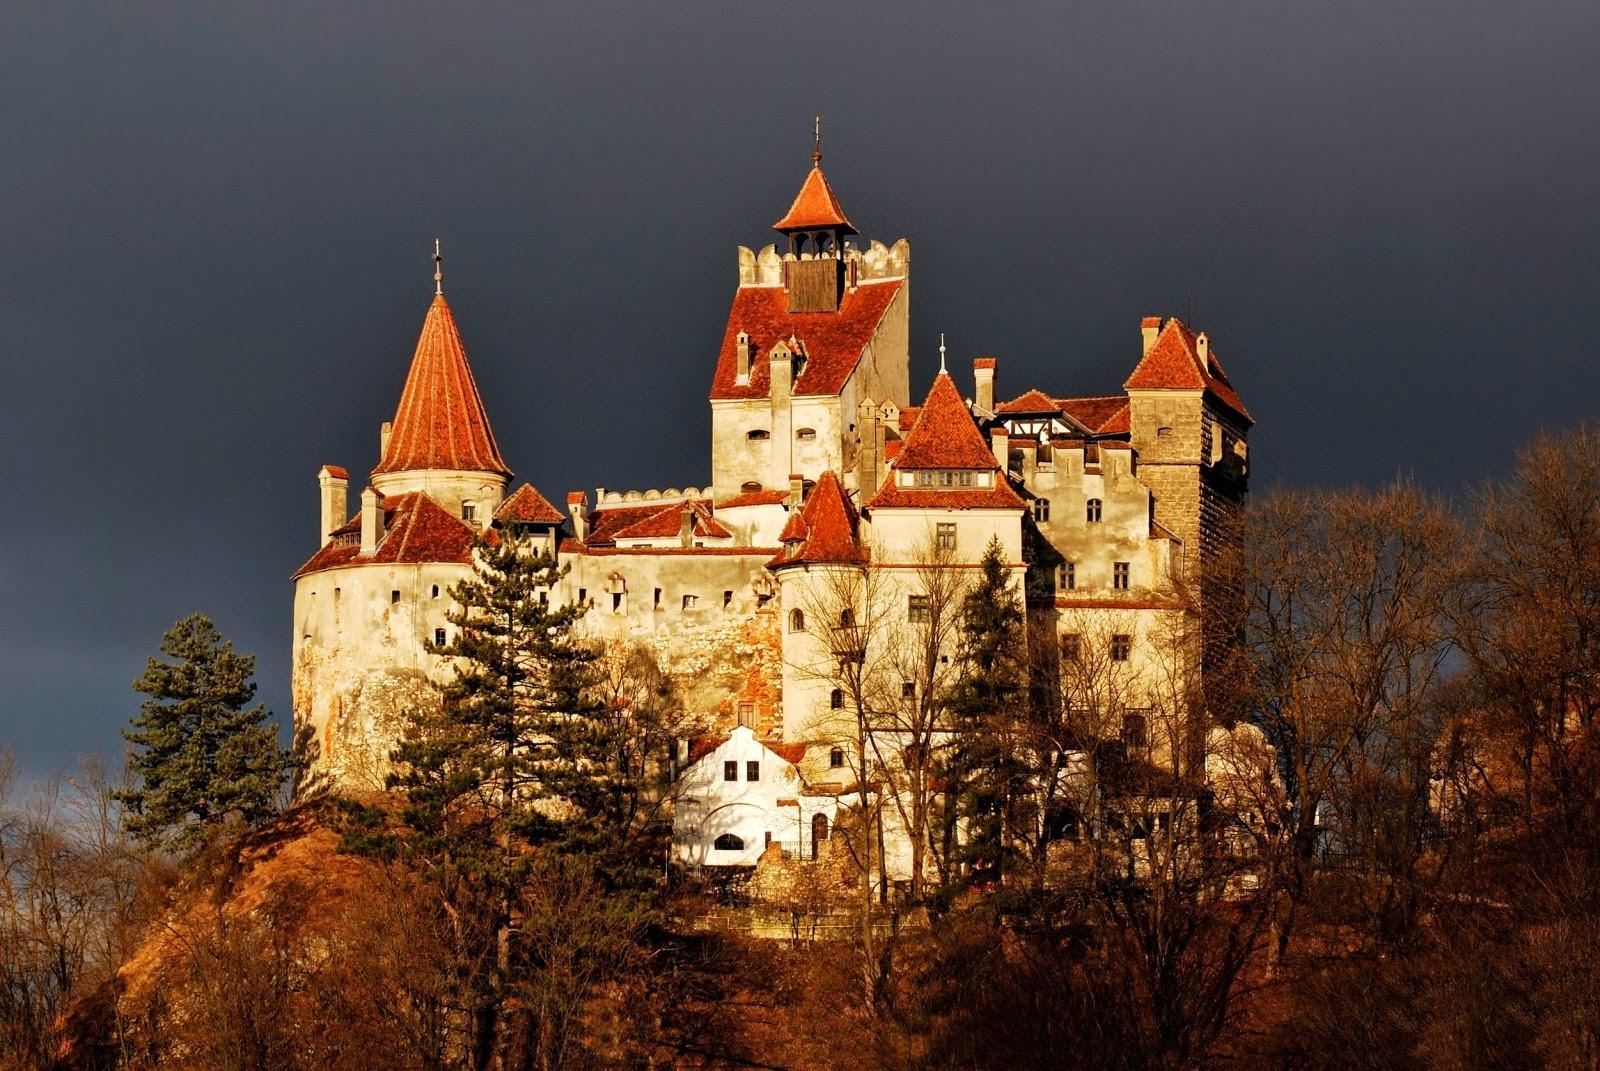 Ponen en venta el castillo auténtico de Drácula